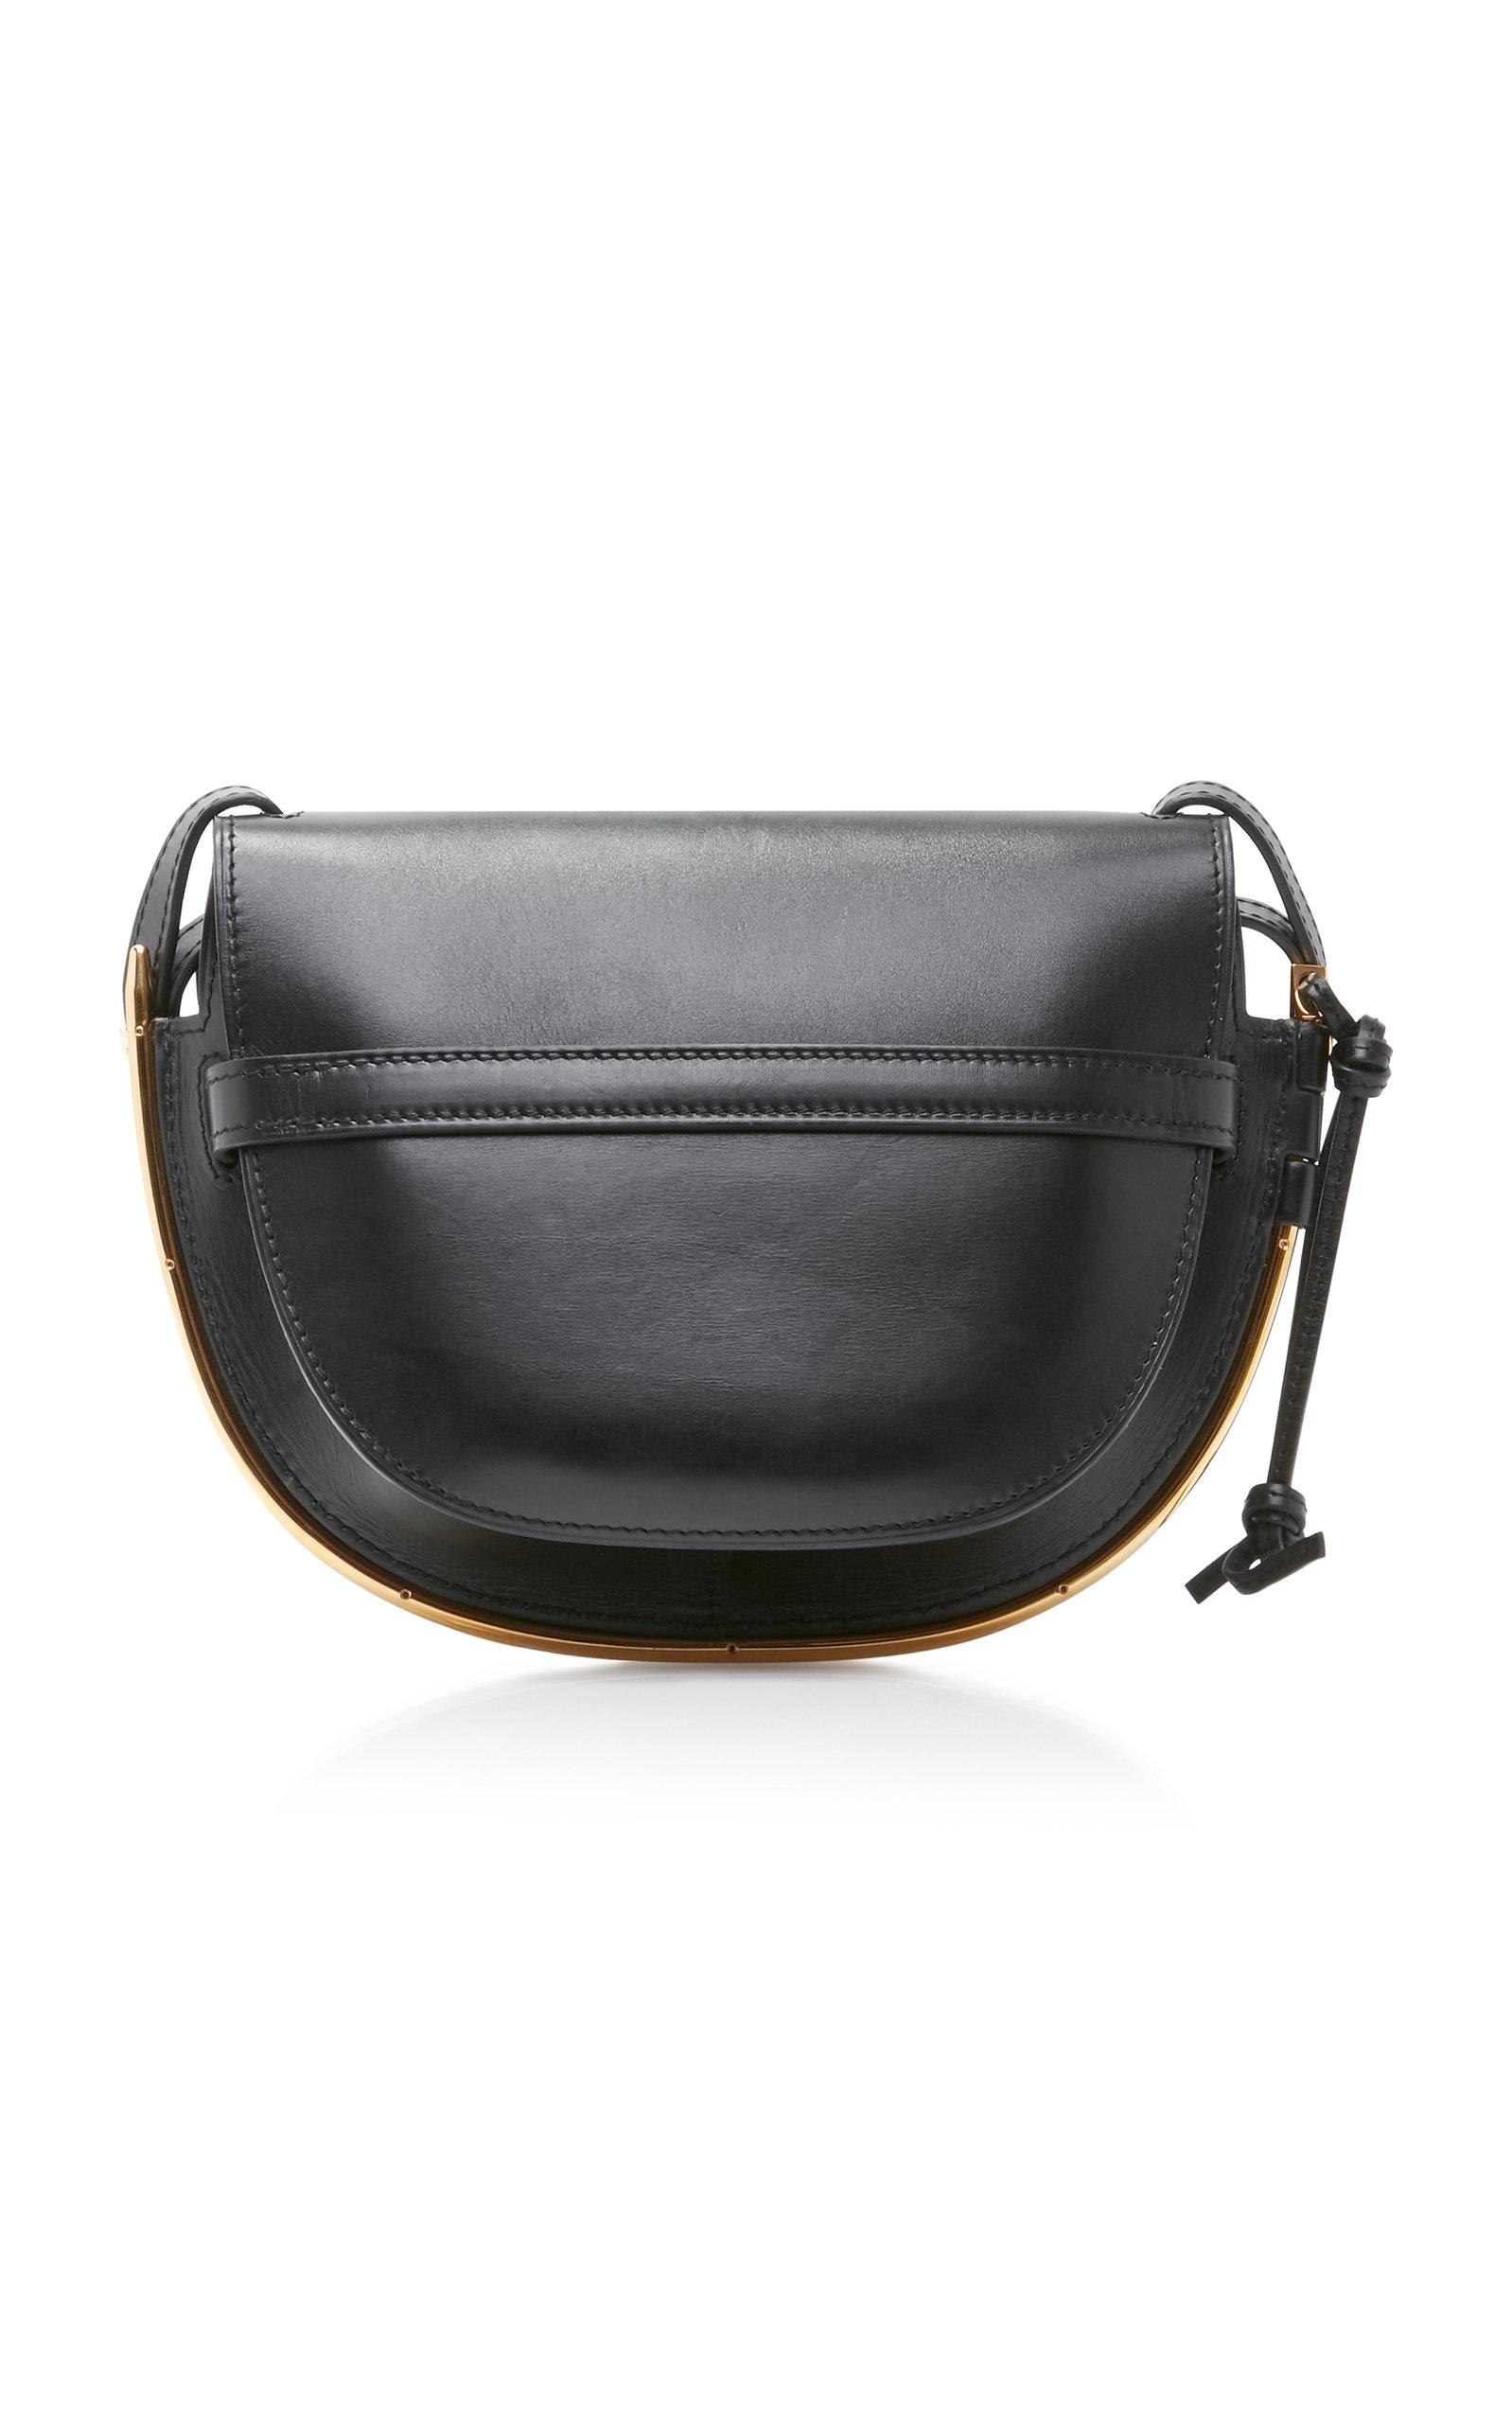 b133859f89 large loewe-black-gate-frame-small-leather-bag.jpg